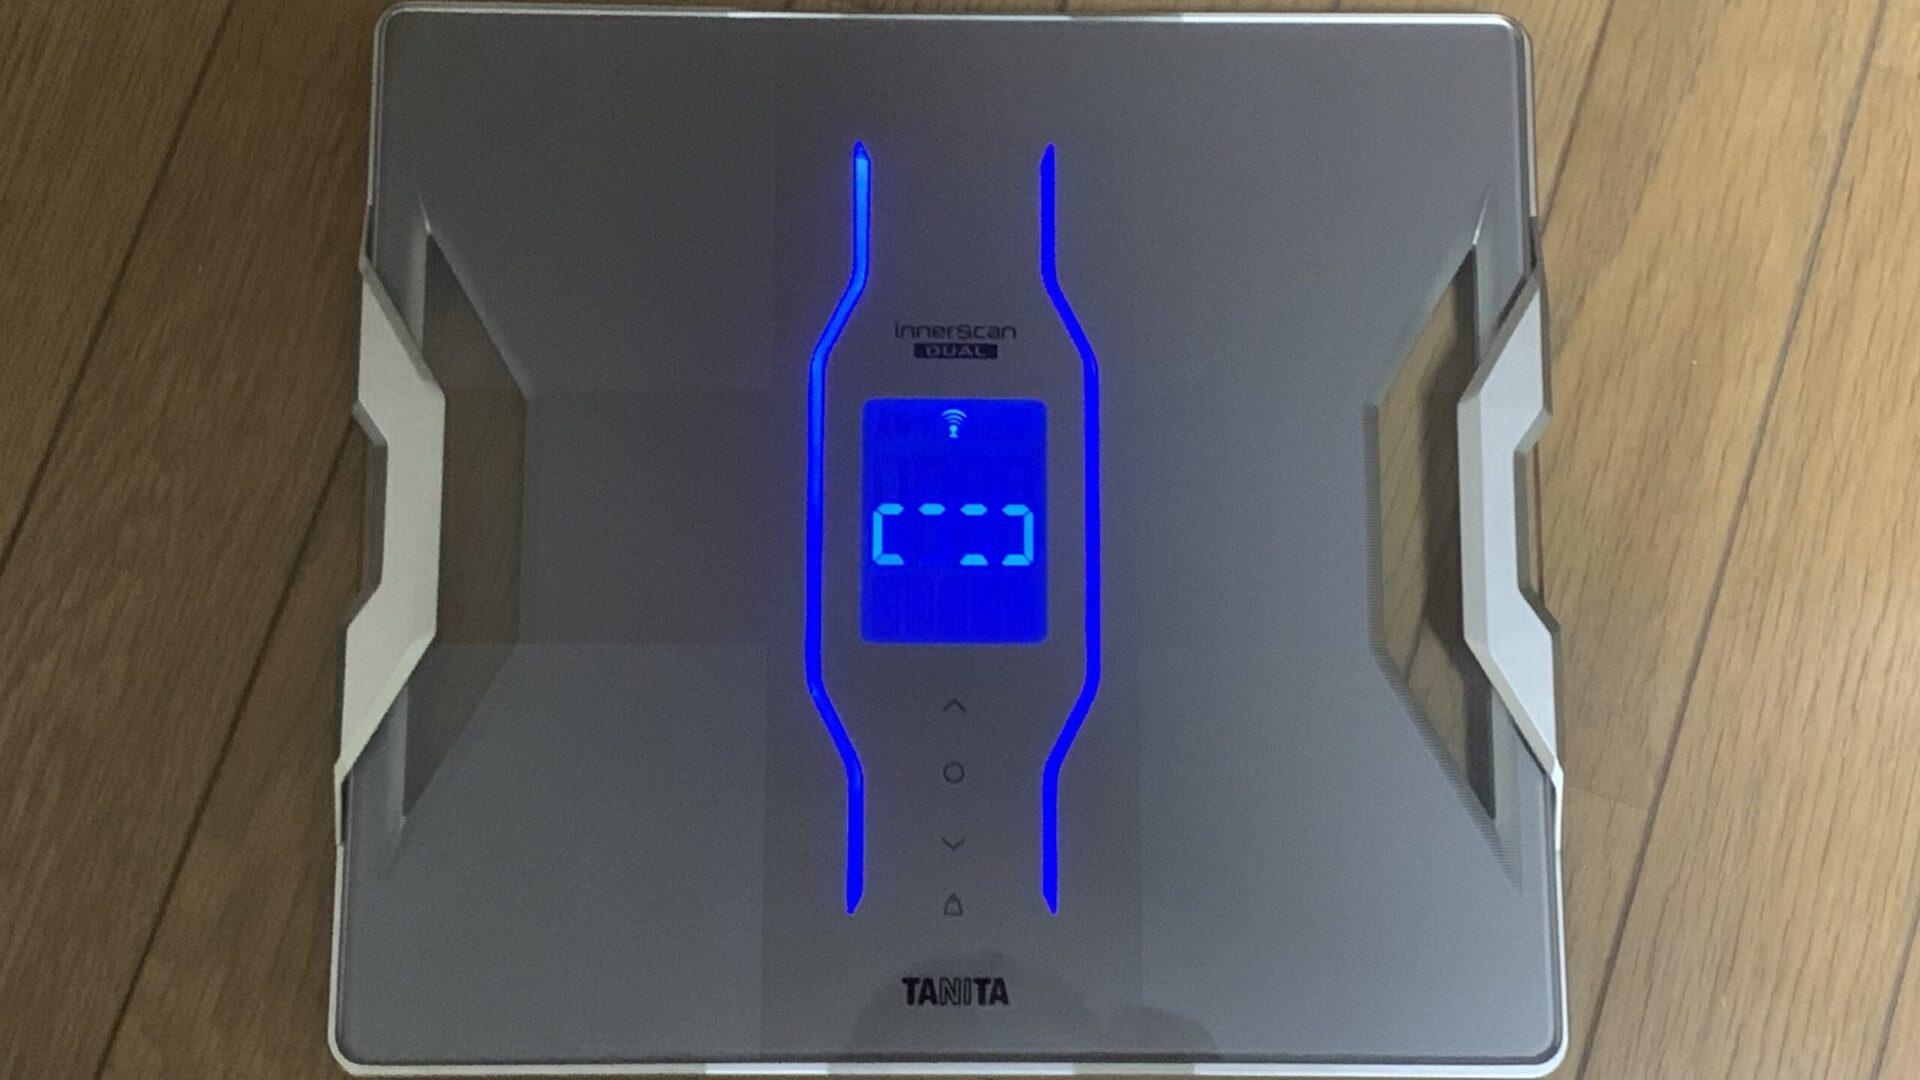 超売れ筋体組成計・タニタのRD-907を購入し体重を計測してみた結果・・・